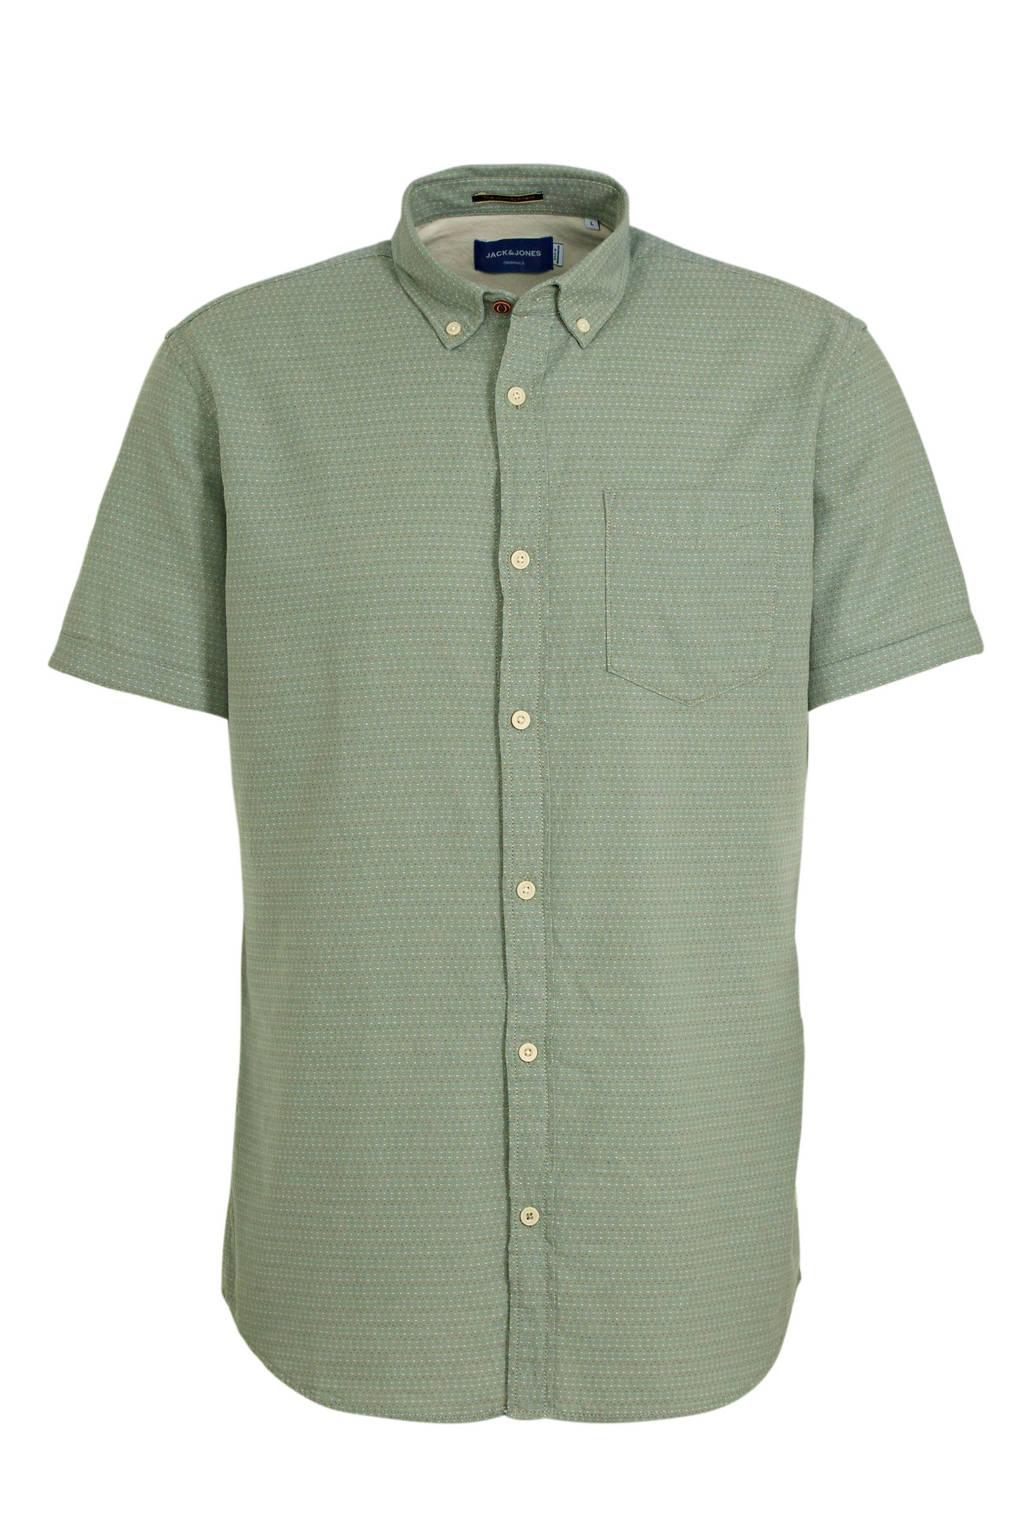 JACK & JONES ORIGINALS regular fit overhemd van biologisch katoen lichtgroen, Lichtgroen